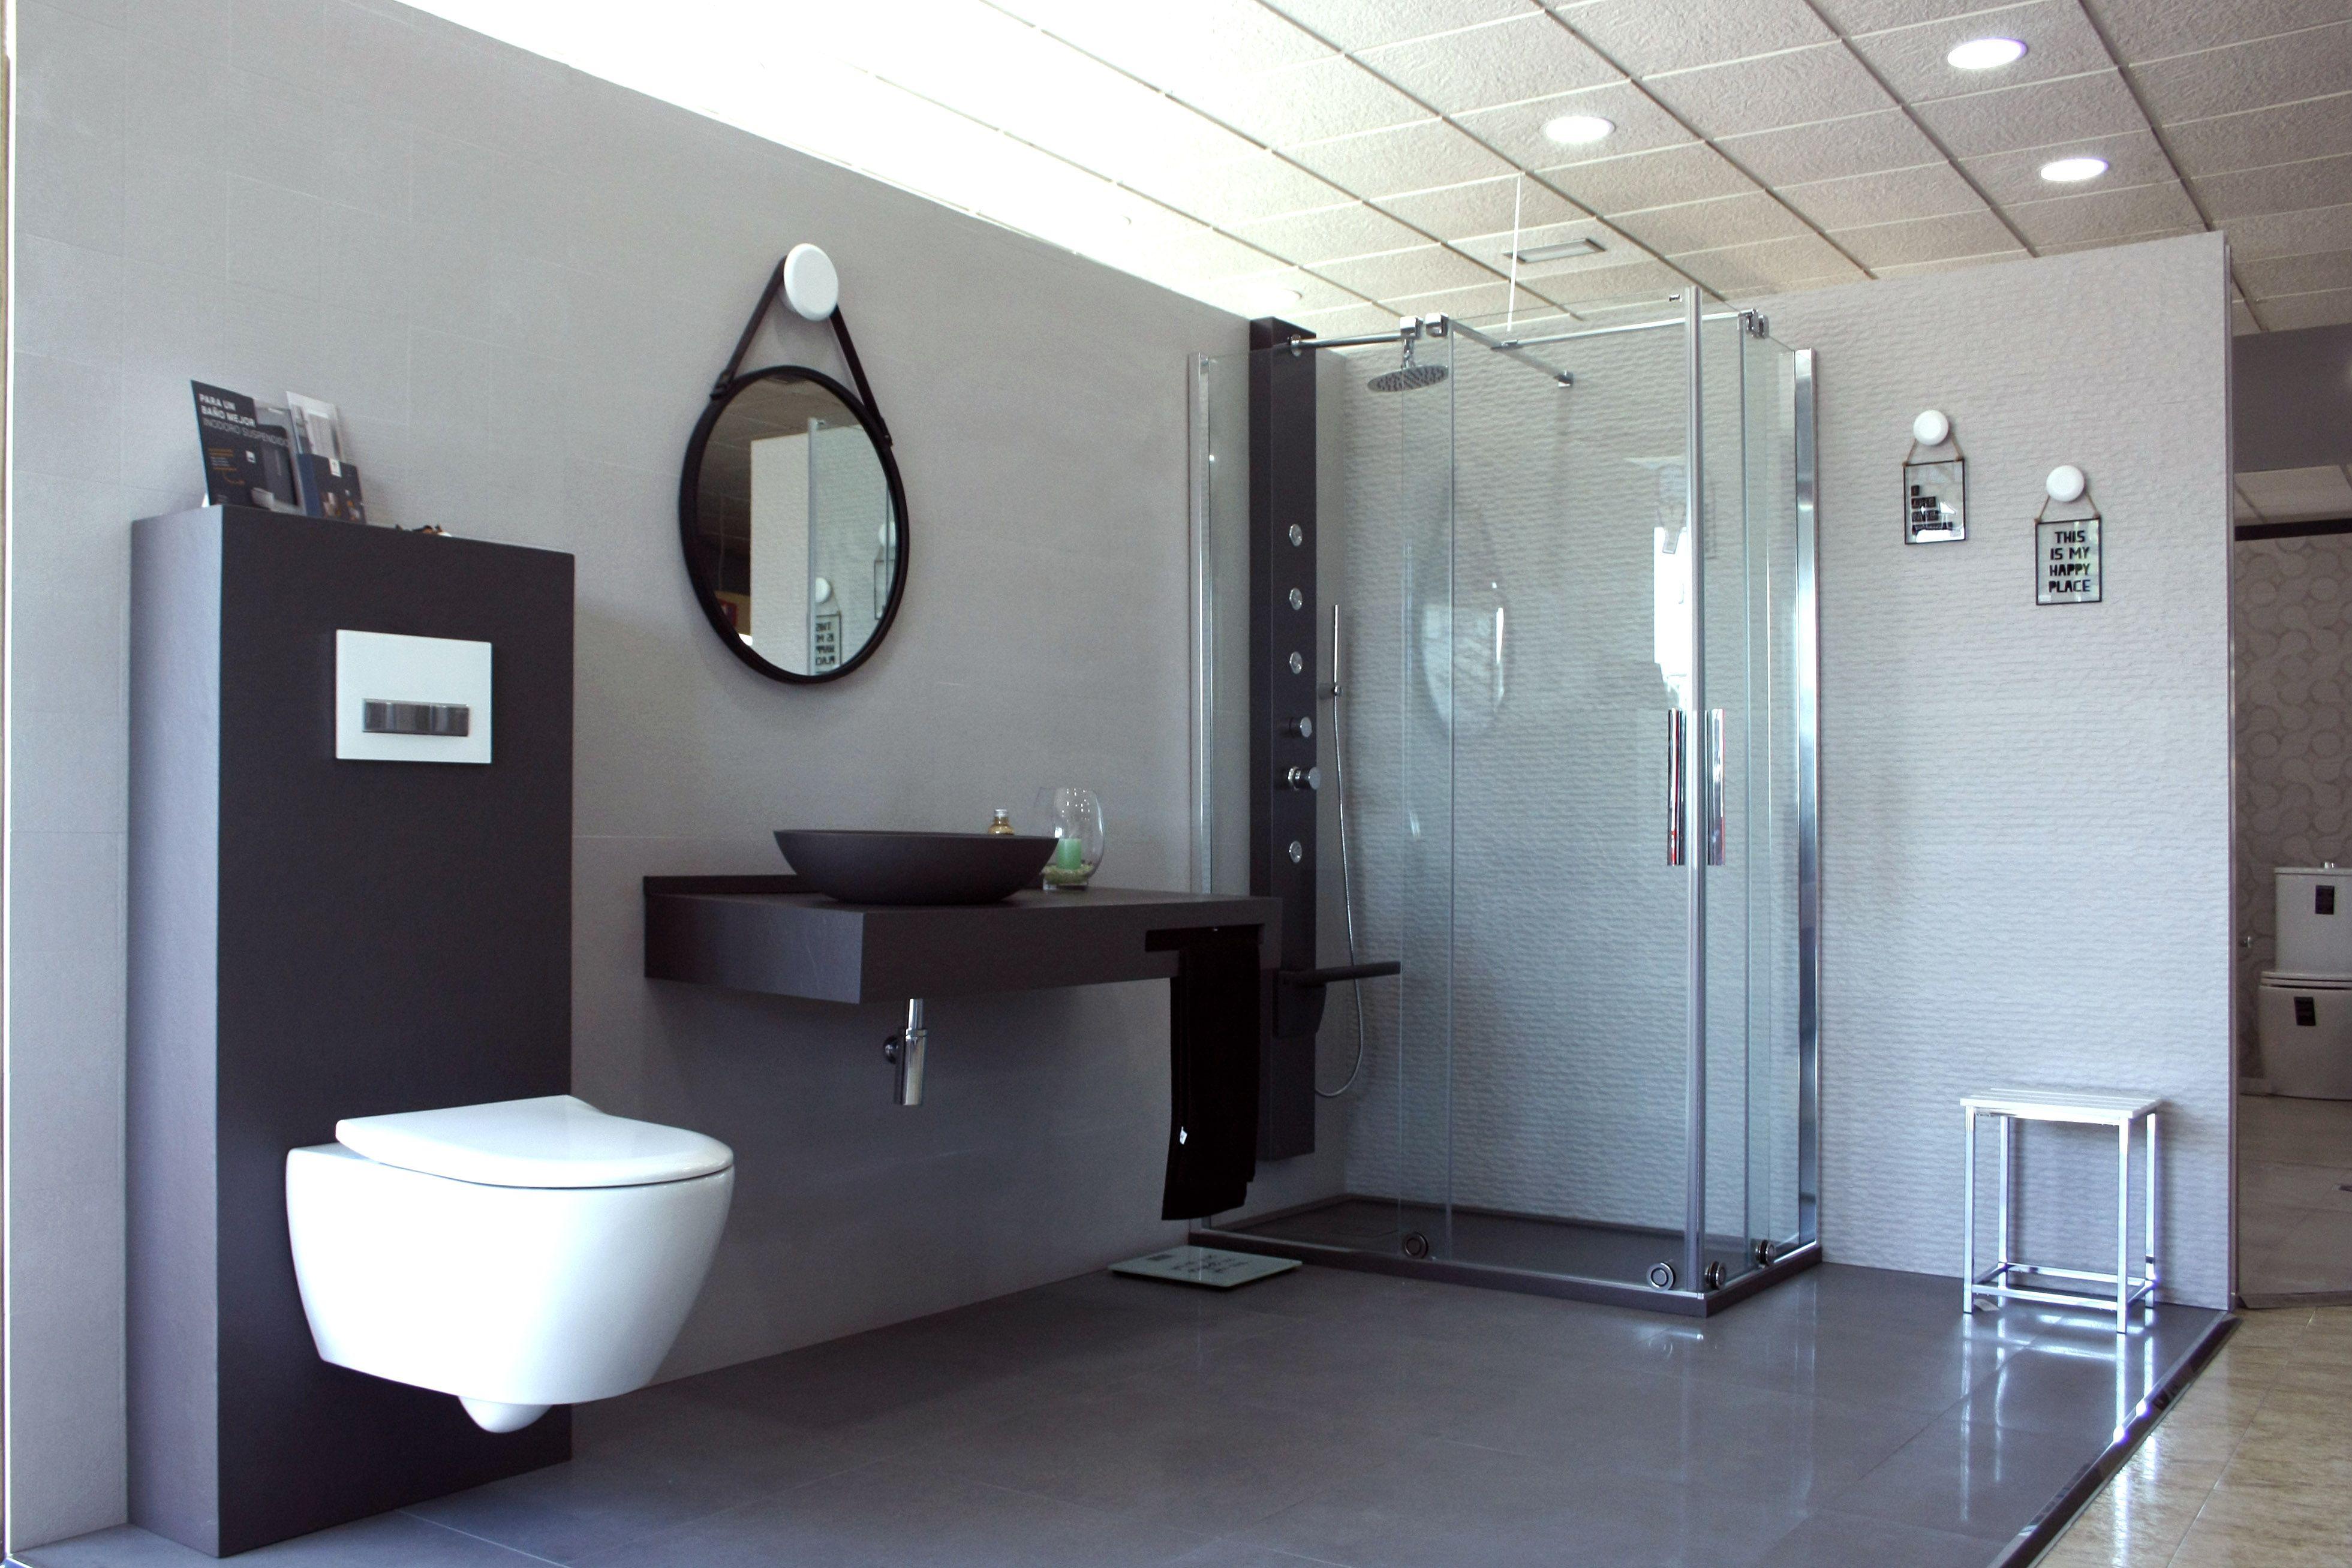 Foto 9 de Muebles de baño y cocina en Maracena   Pavimentos Loymar, S.L.